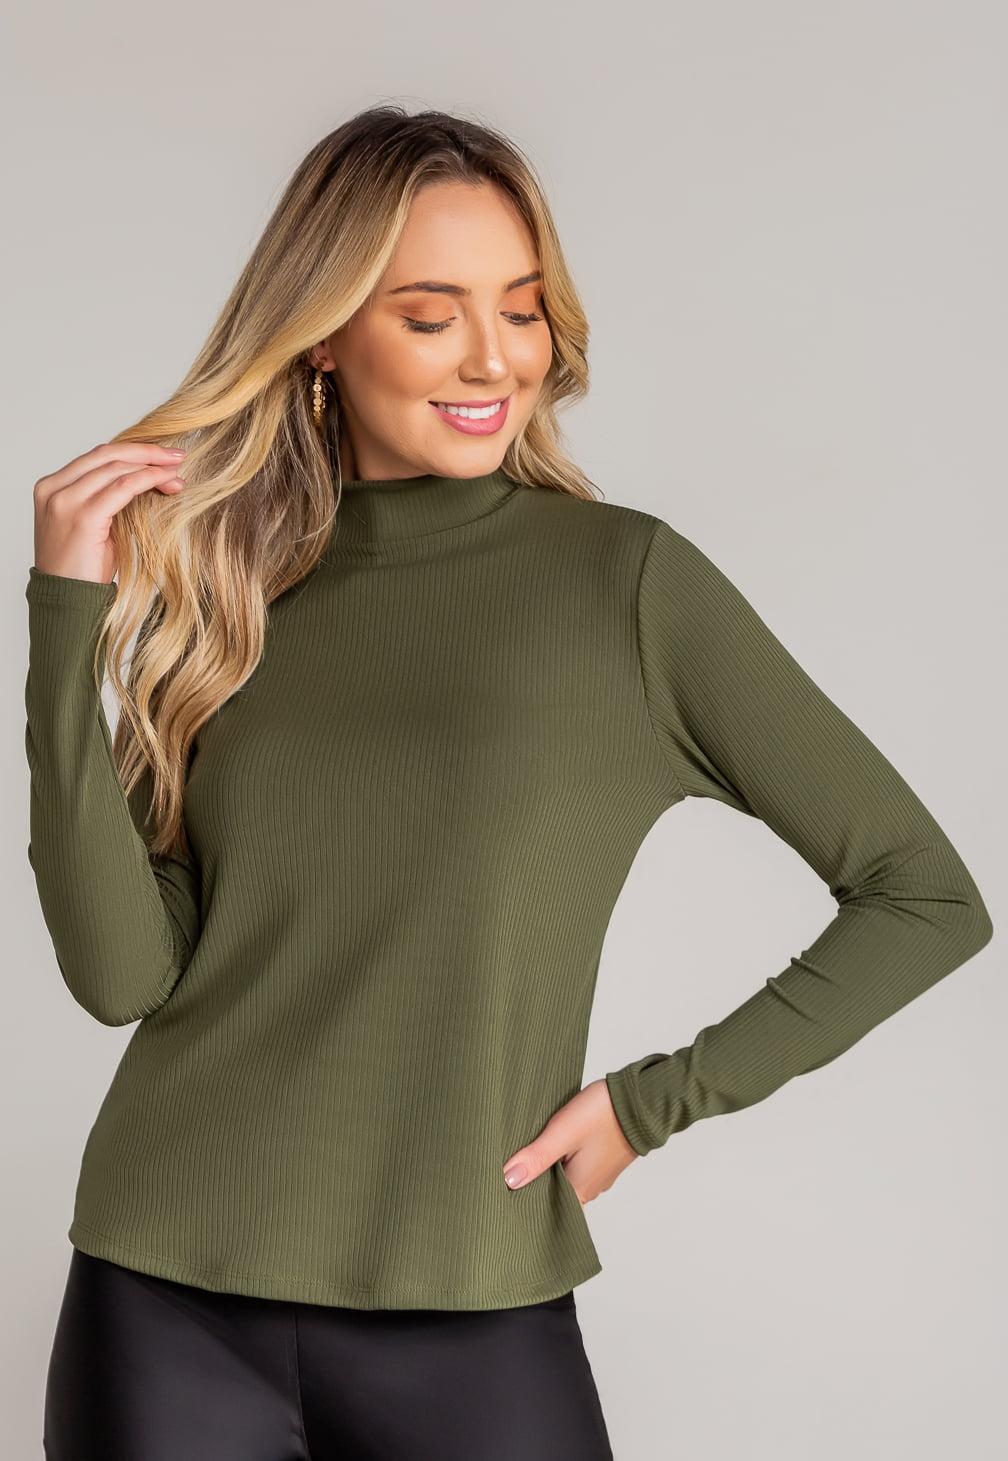 Blusa Basic Gola - Verde Militar